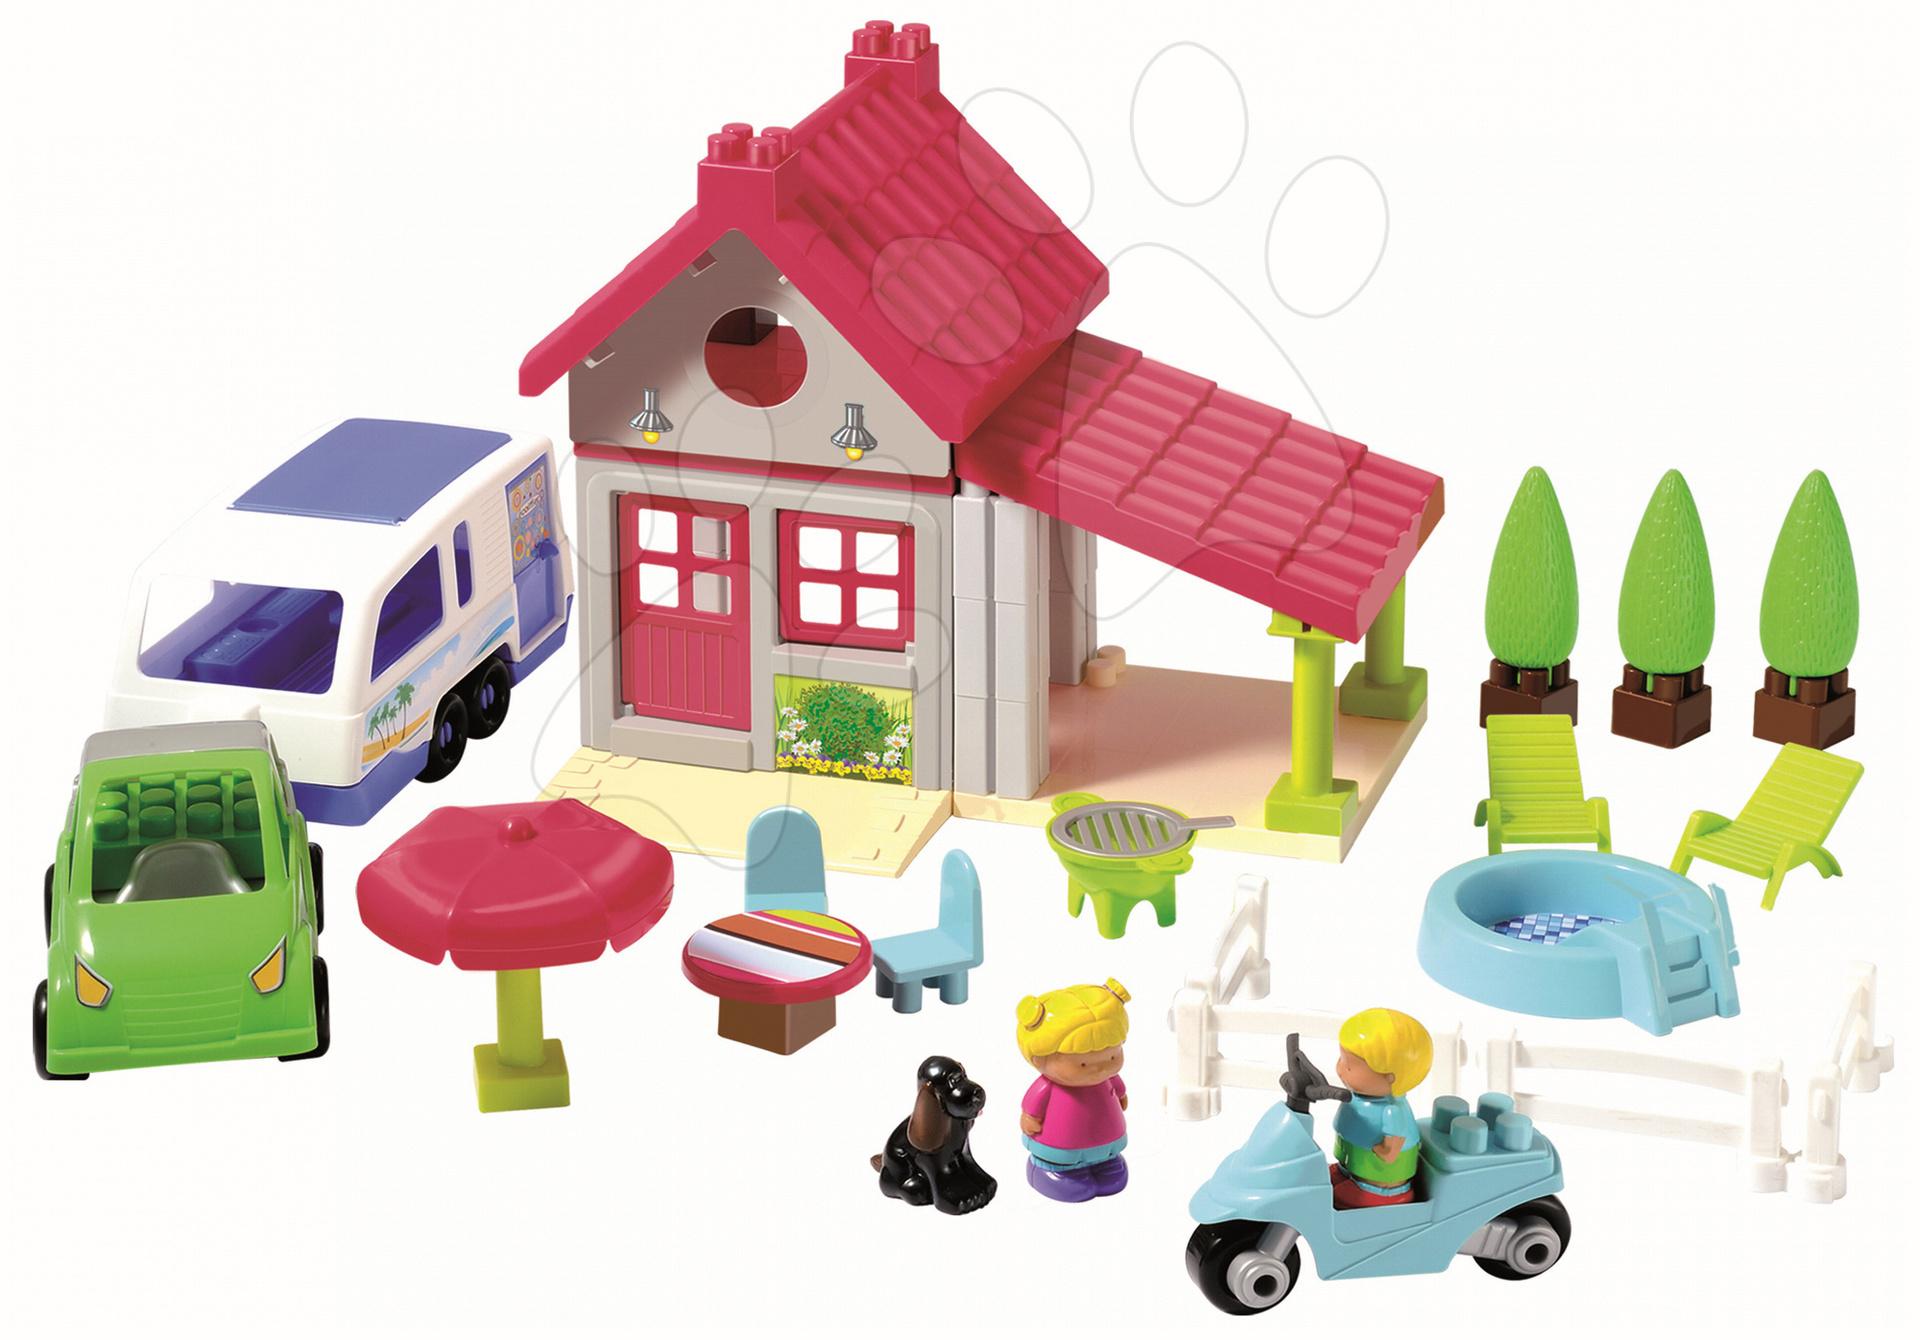 Stavebnice Abrick - prázdninový domek Écoiffier 70 dílů od 18 měsíců